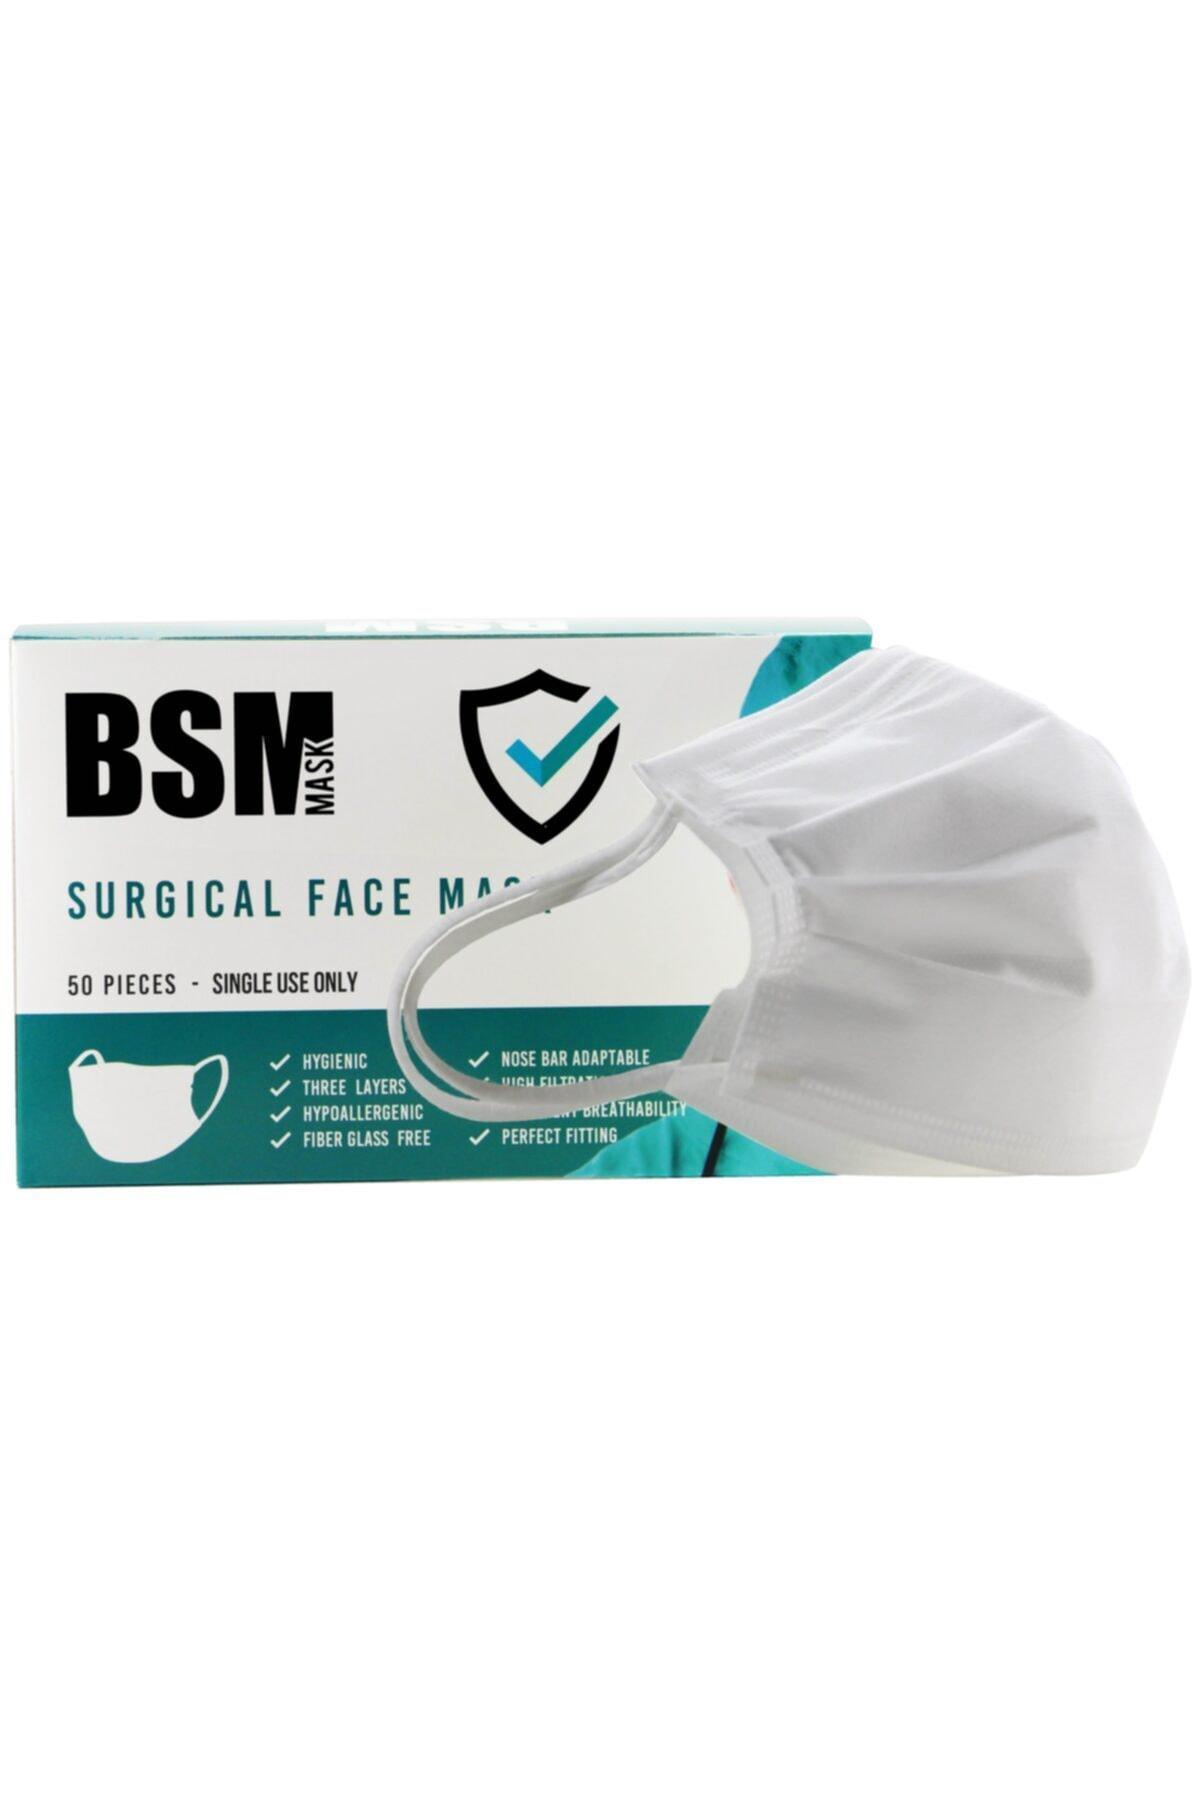 Beyaz 3 Katlı Yassı Lastikli Meltblown Cerrahi Maske Toplam 50 Adet